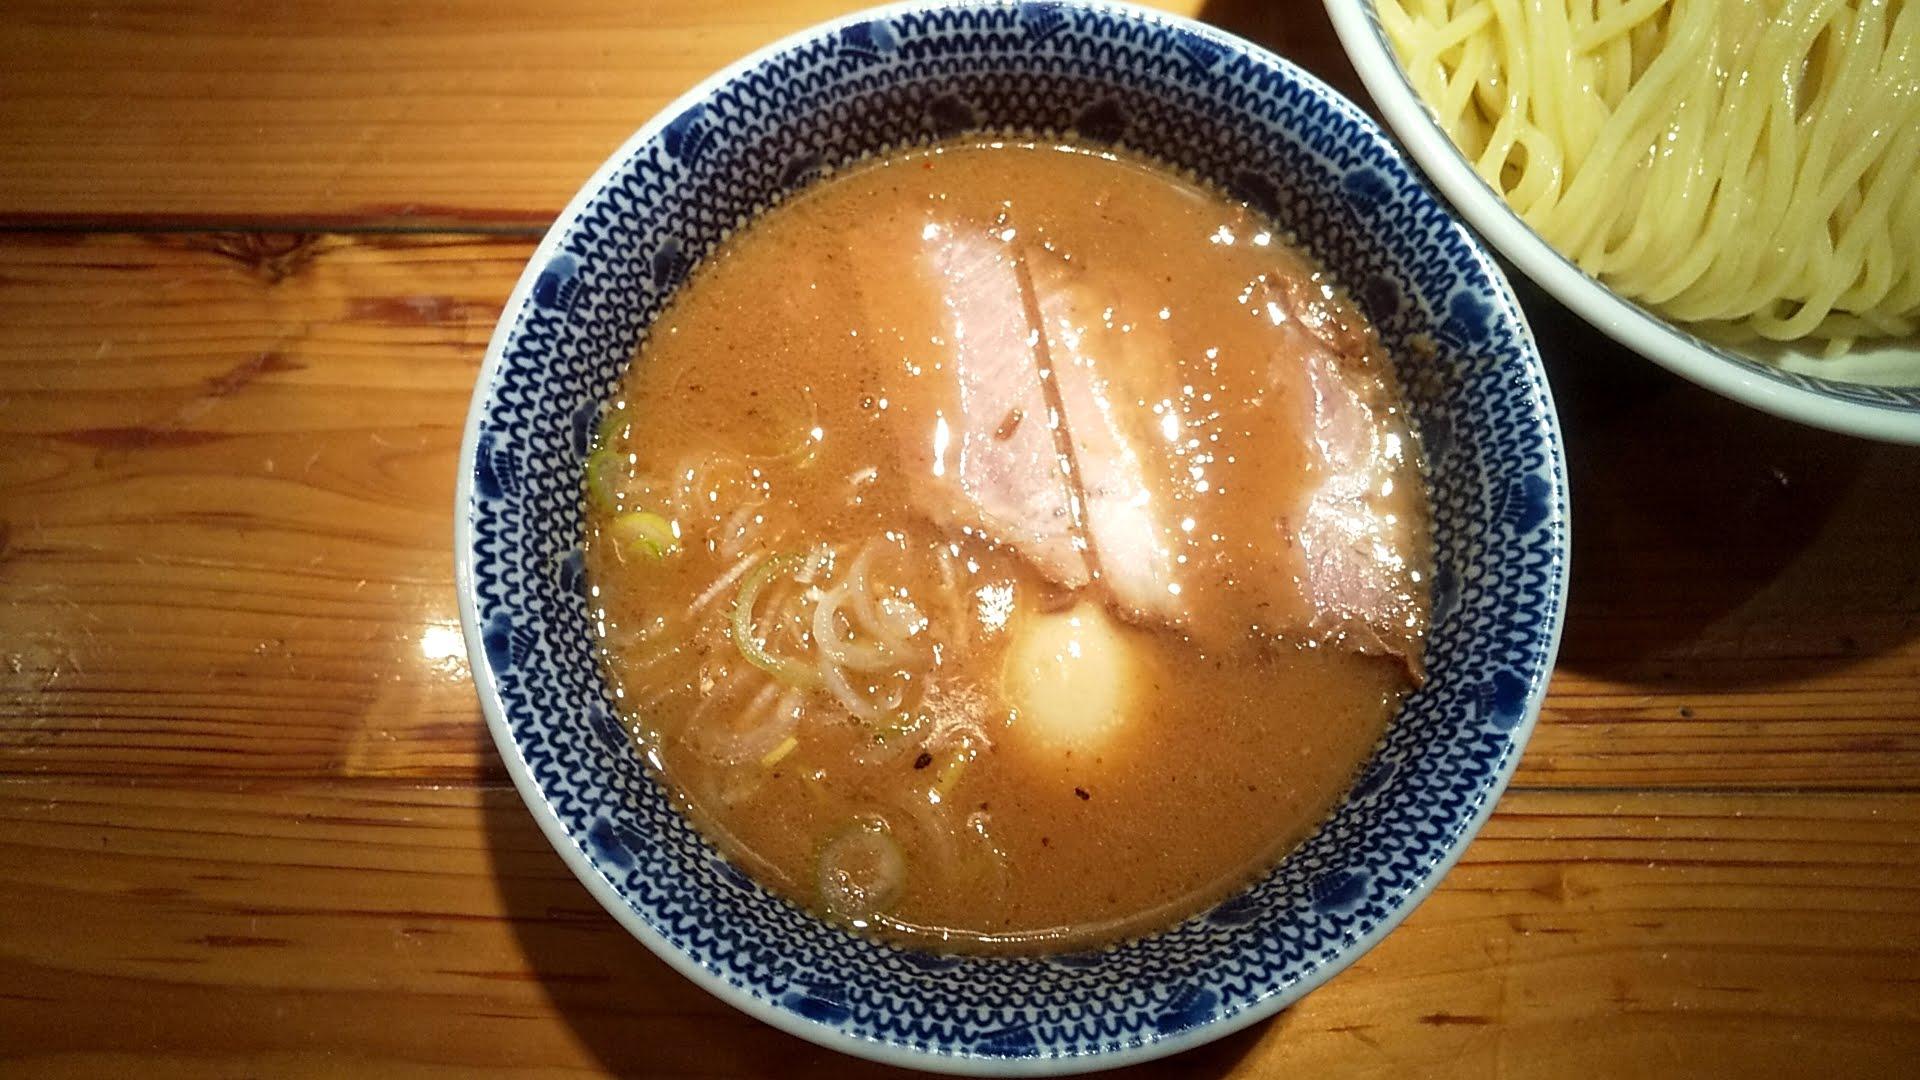 つじ田神田御茶ノ水店の特製つけ麺のつけ汁